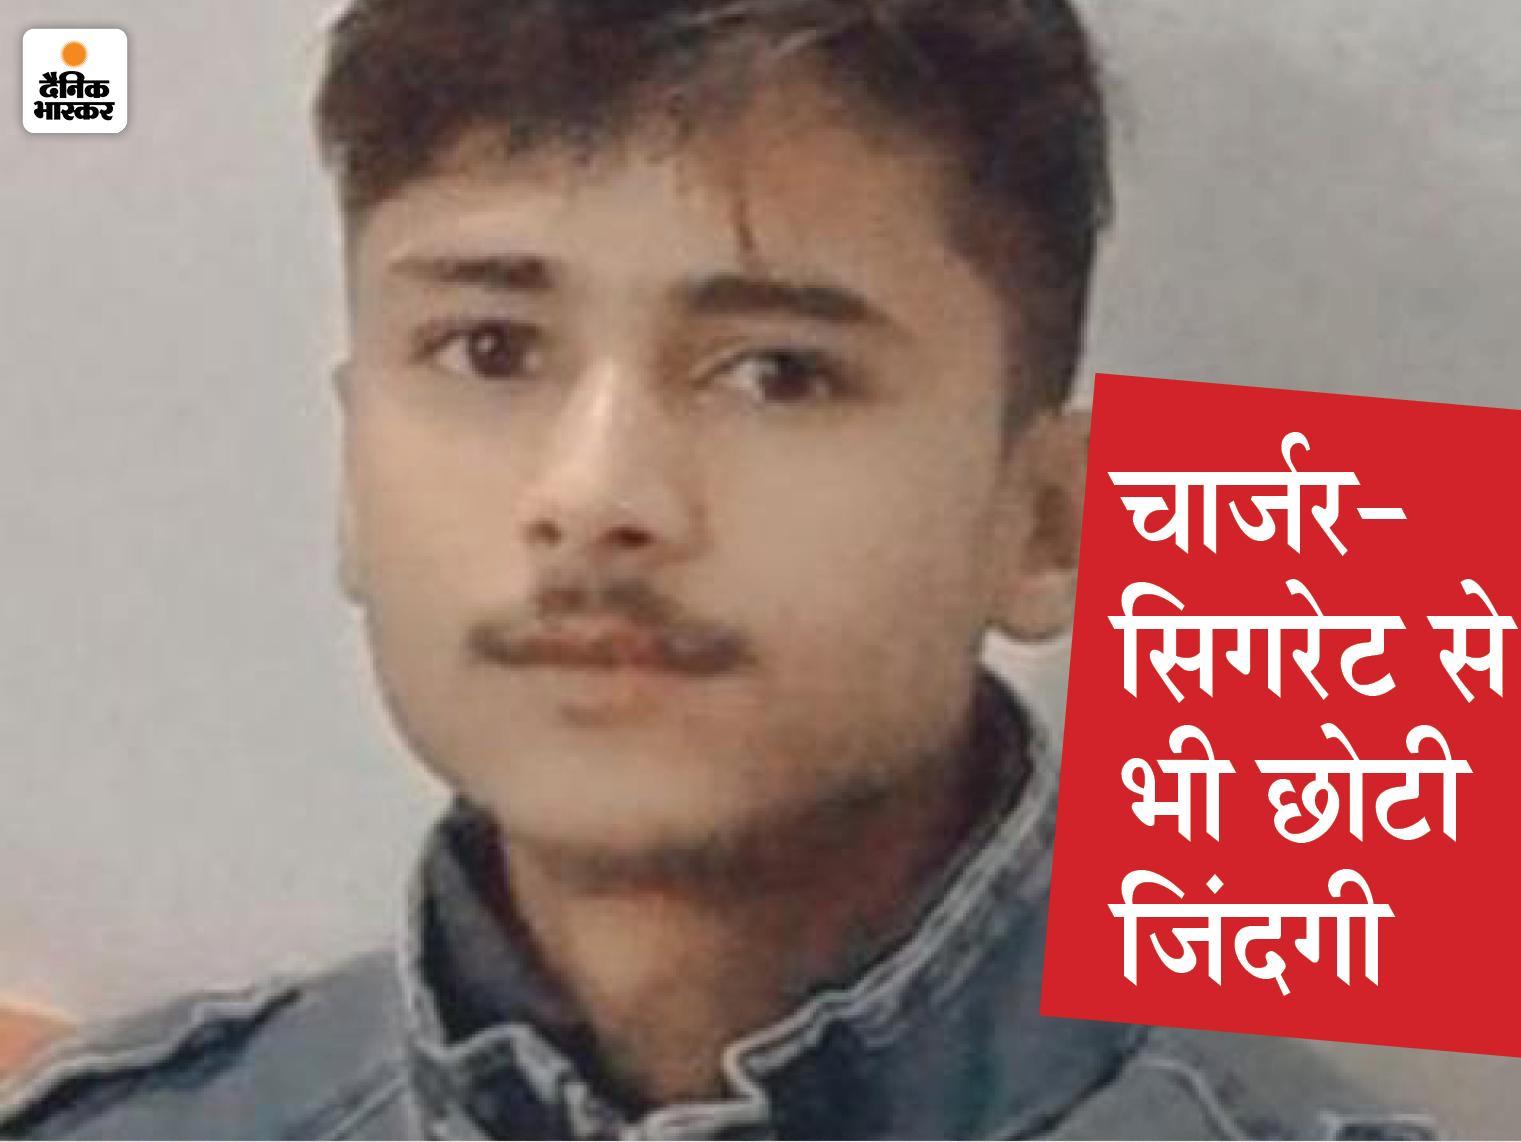 चार्जर के लिए देख लेने की धमकी दी, सिगरेट की बात पर फिर से झगड़ा तो गुस्साए दोस्तों ने चाकू से गोदकर मार डाला|इंदौर,Indore - Dainik Bhaskar